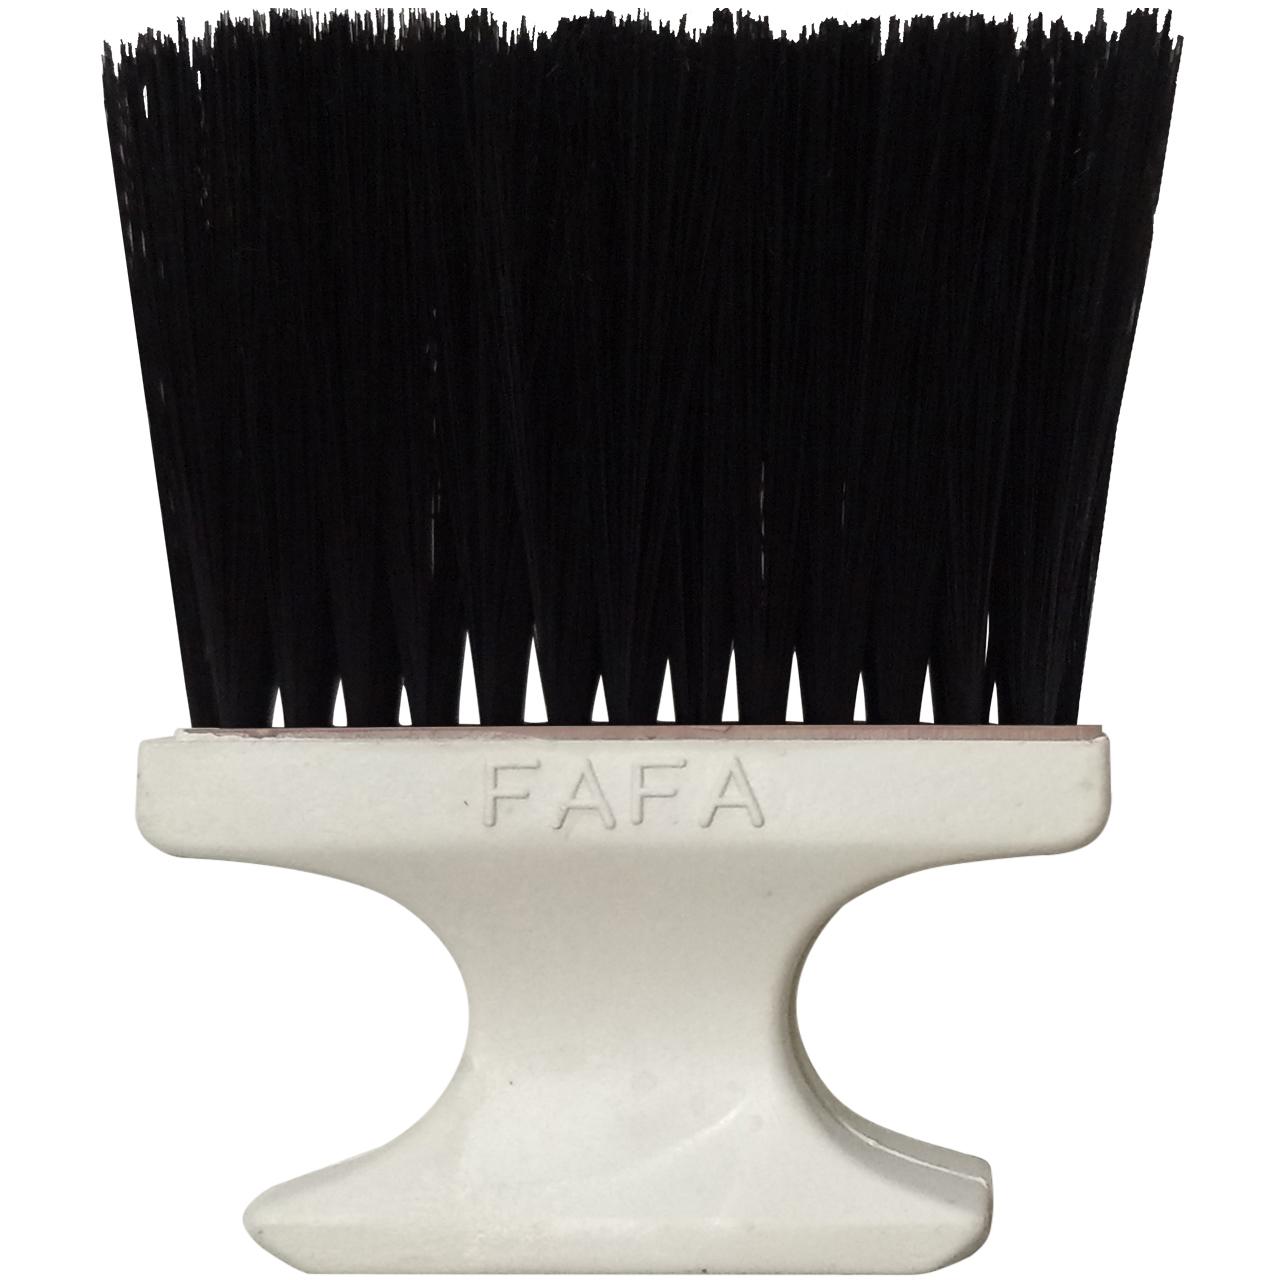 موپران آرایشگاهی فافا کد 008